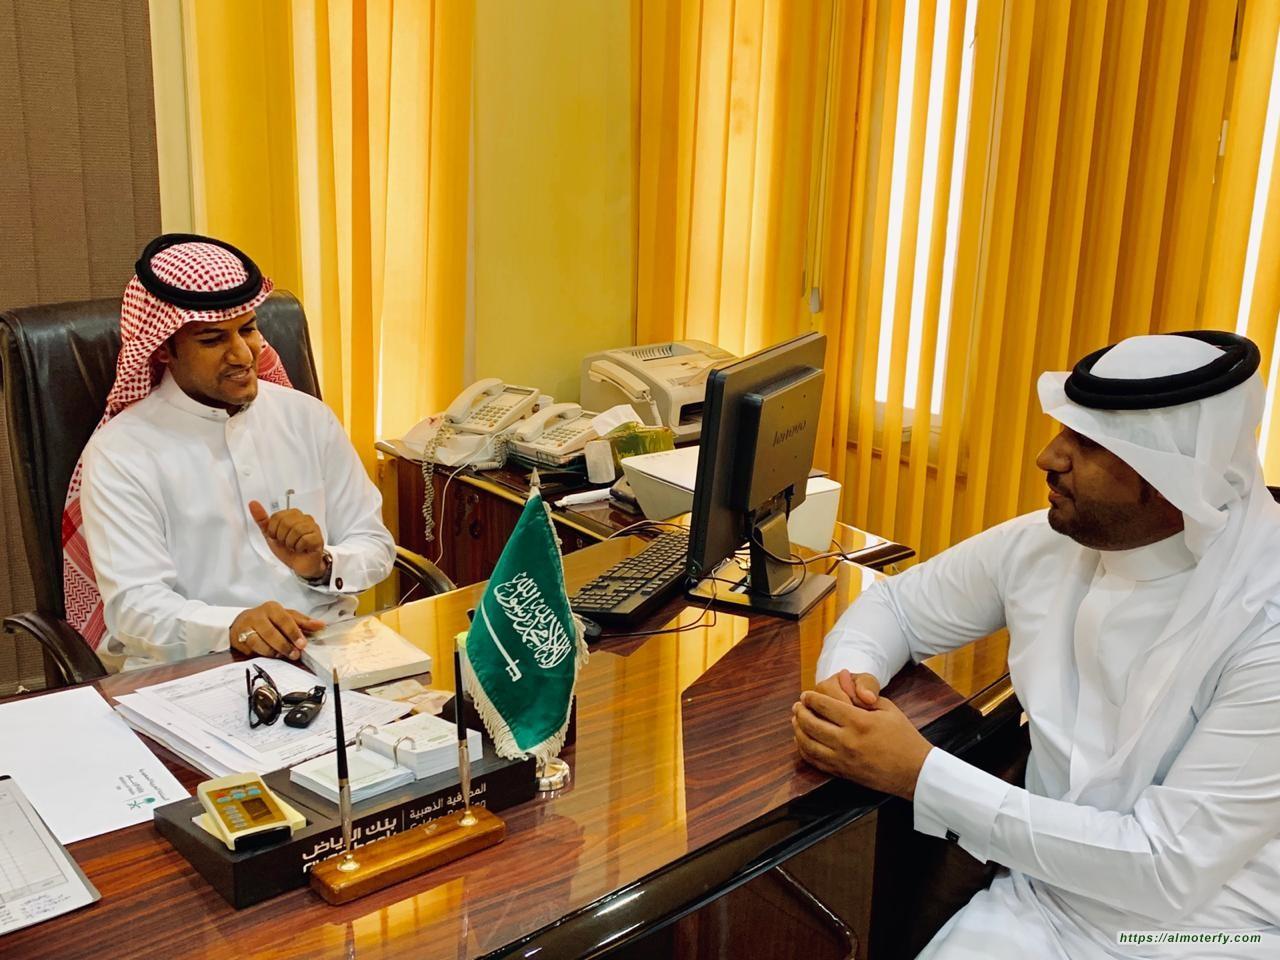 سفير النوايا الحسنة والعدالة والسلام د. عبدالله البطيّان يحط بالمكتبة العامة بالهفوف